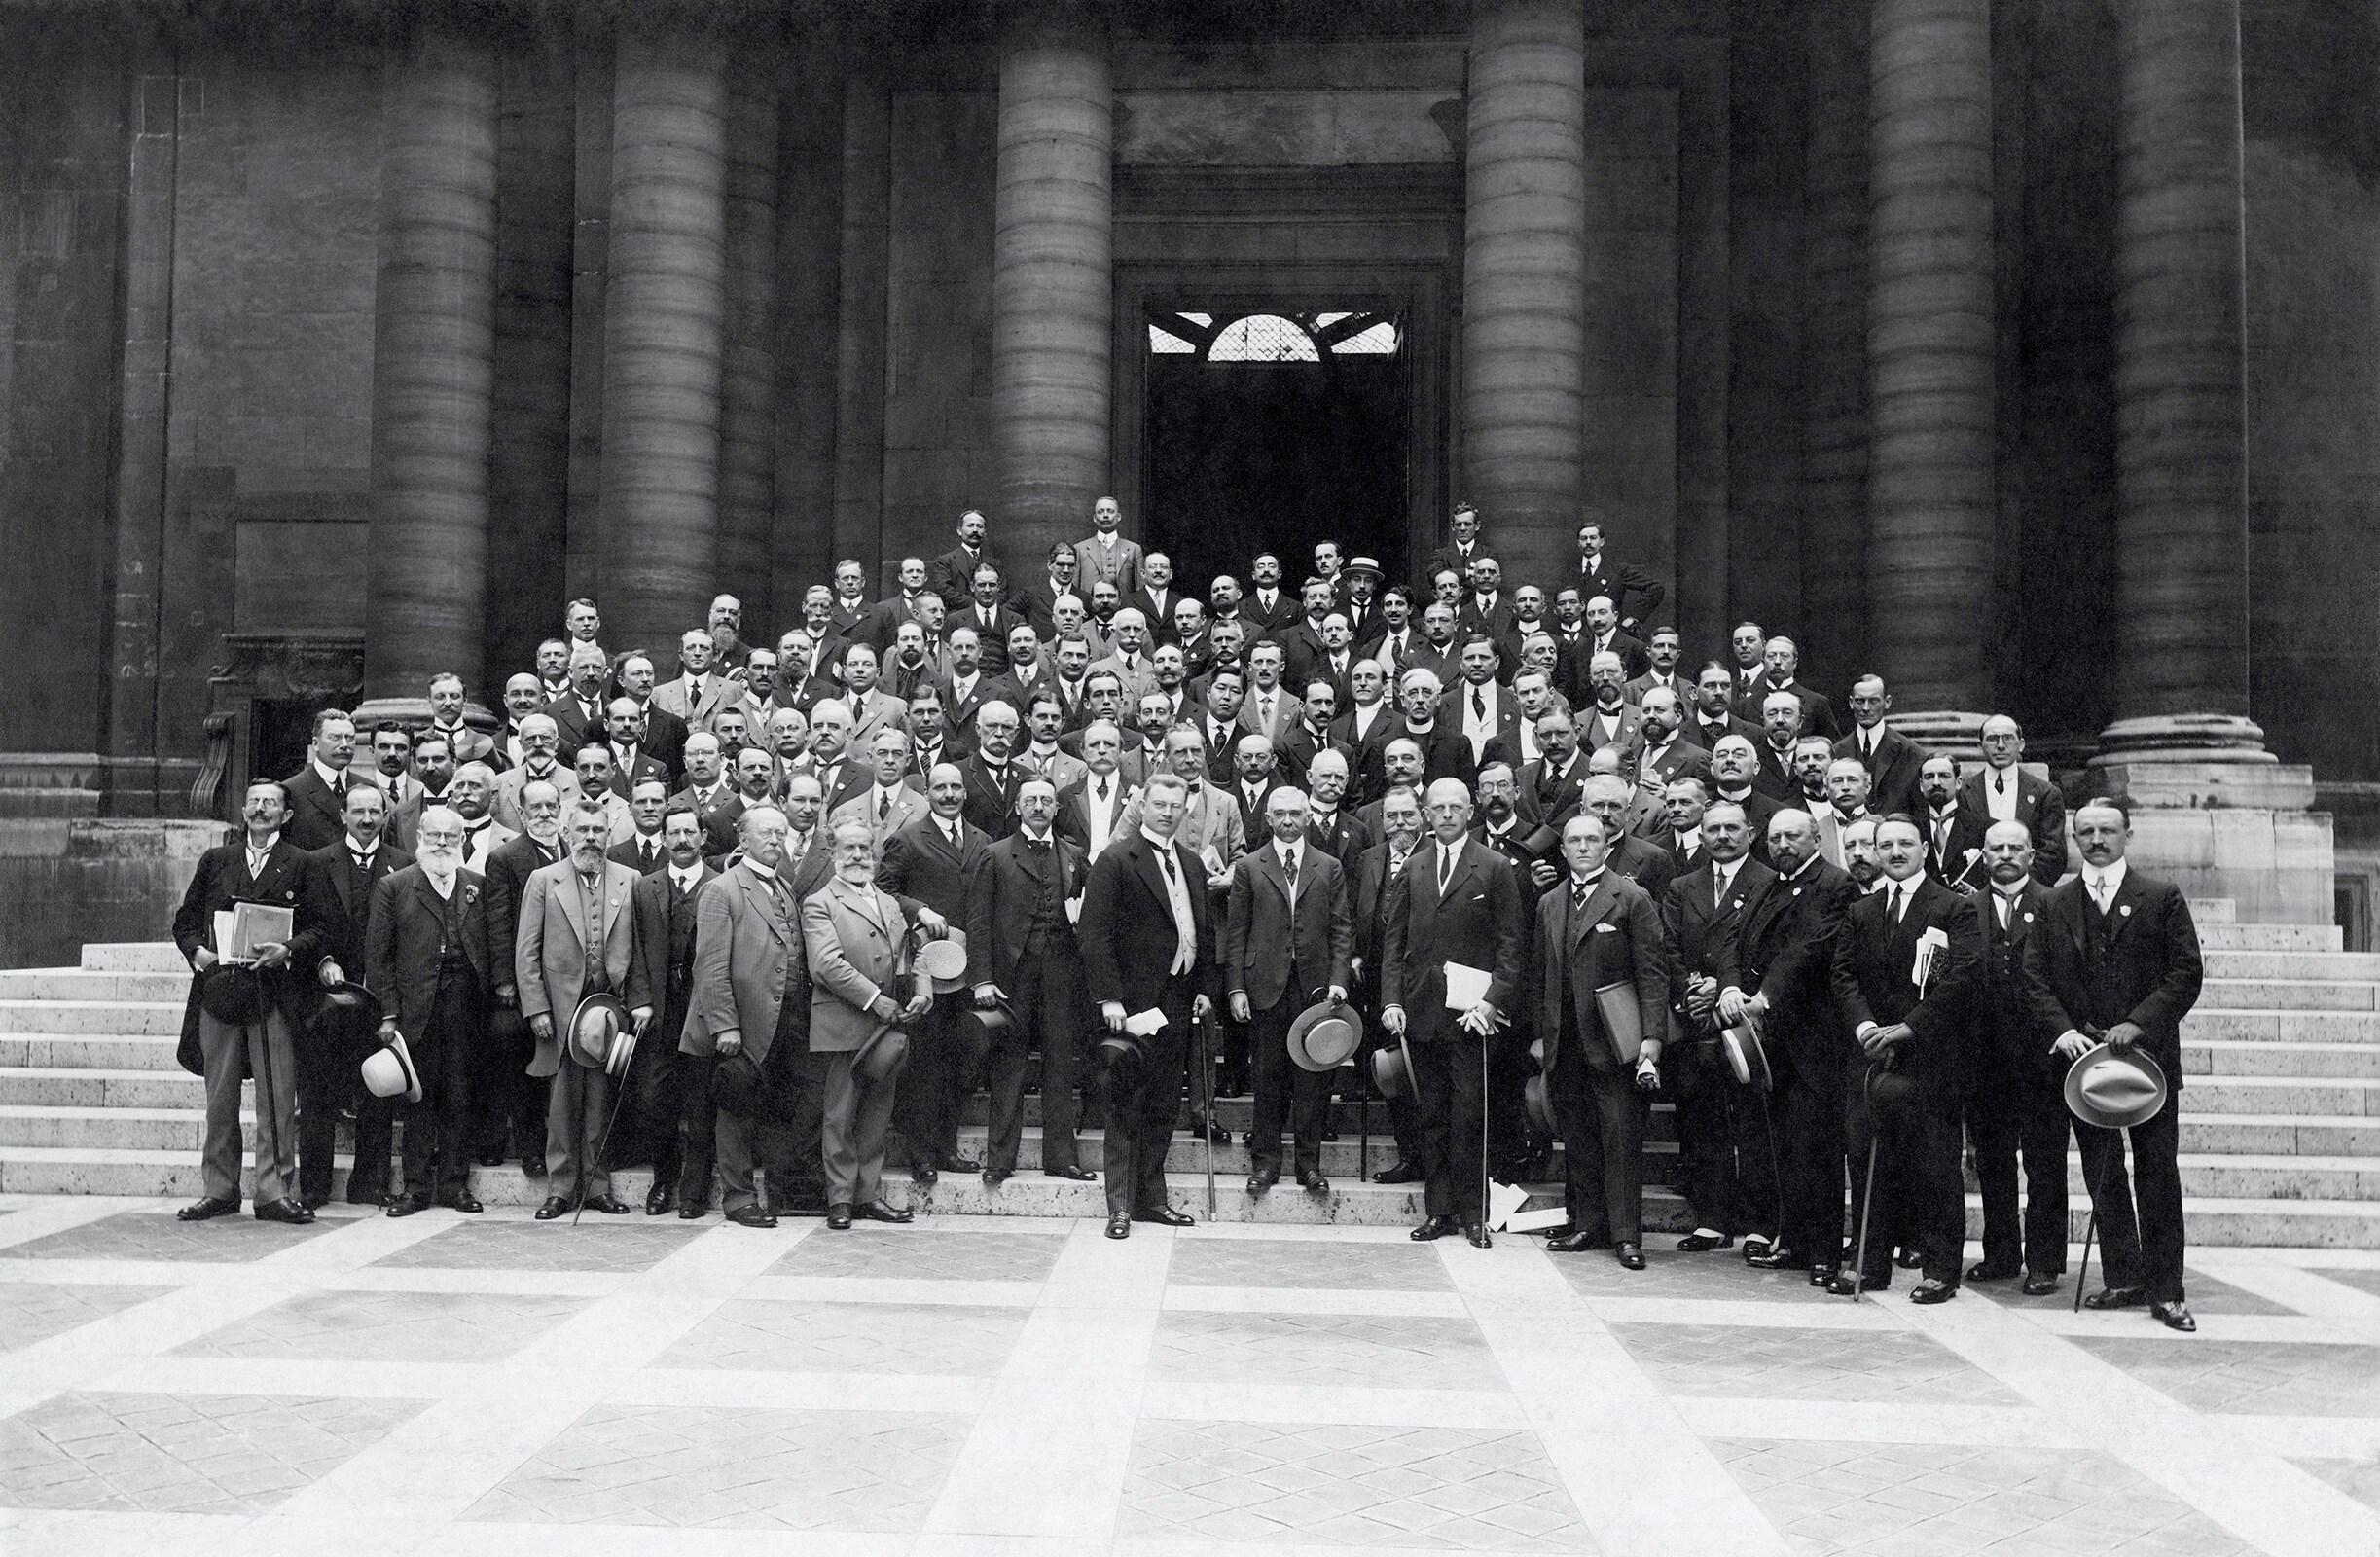 6th Olympic Congress, Paris, 1914 - Baron Pierre de Coubertin, IOC President and the participants, in front of the Palais de la Sorbonne.